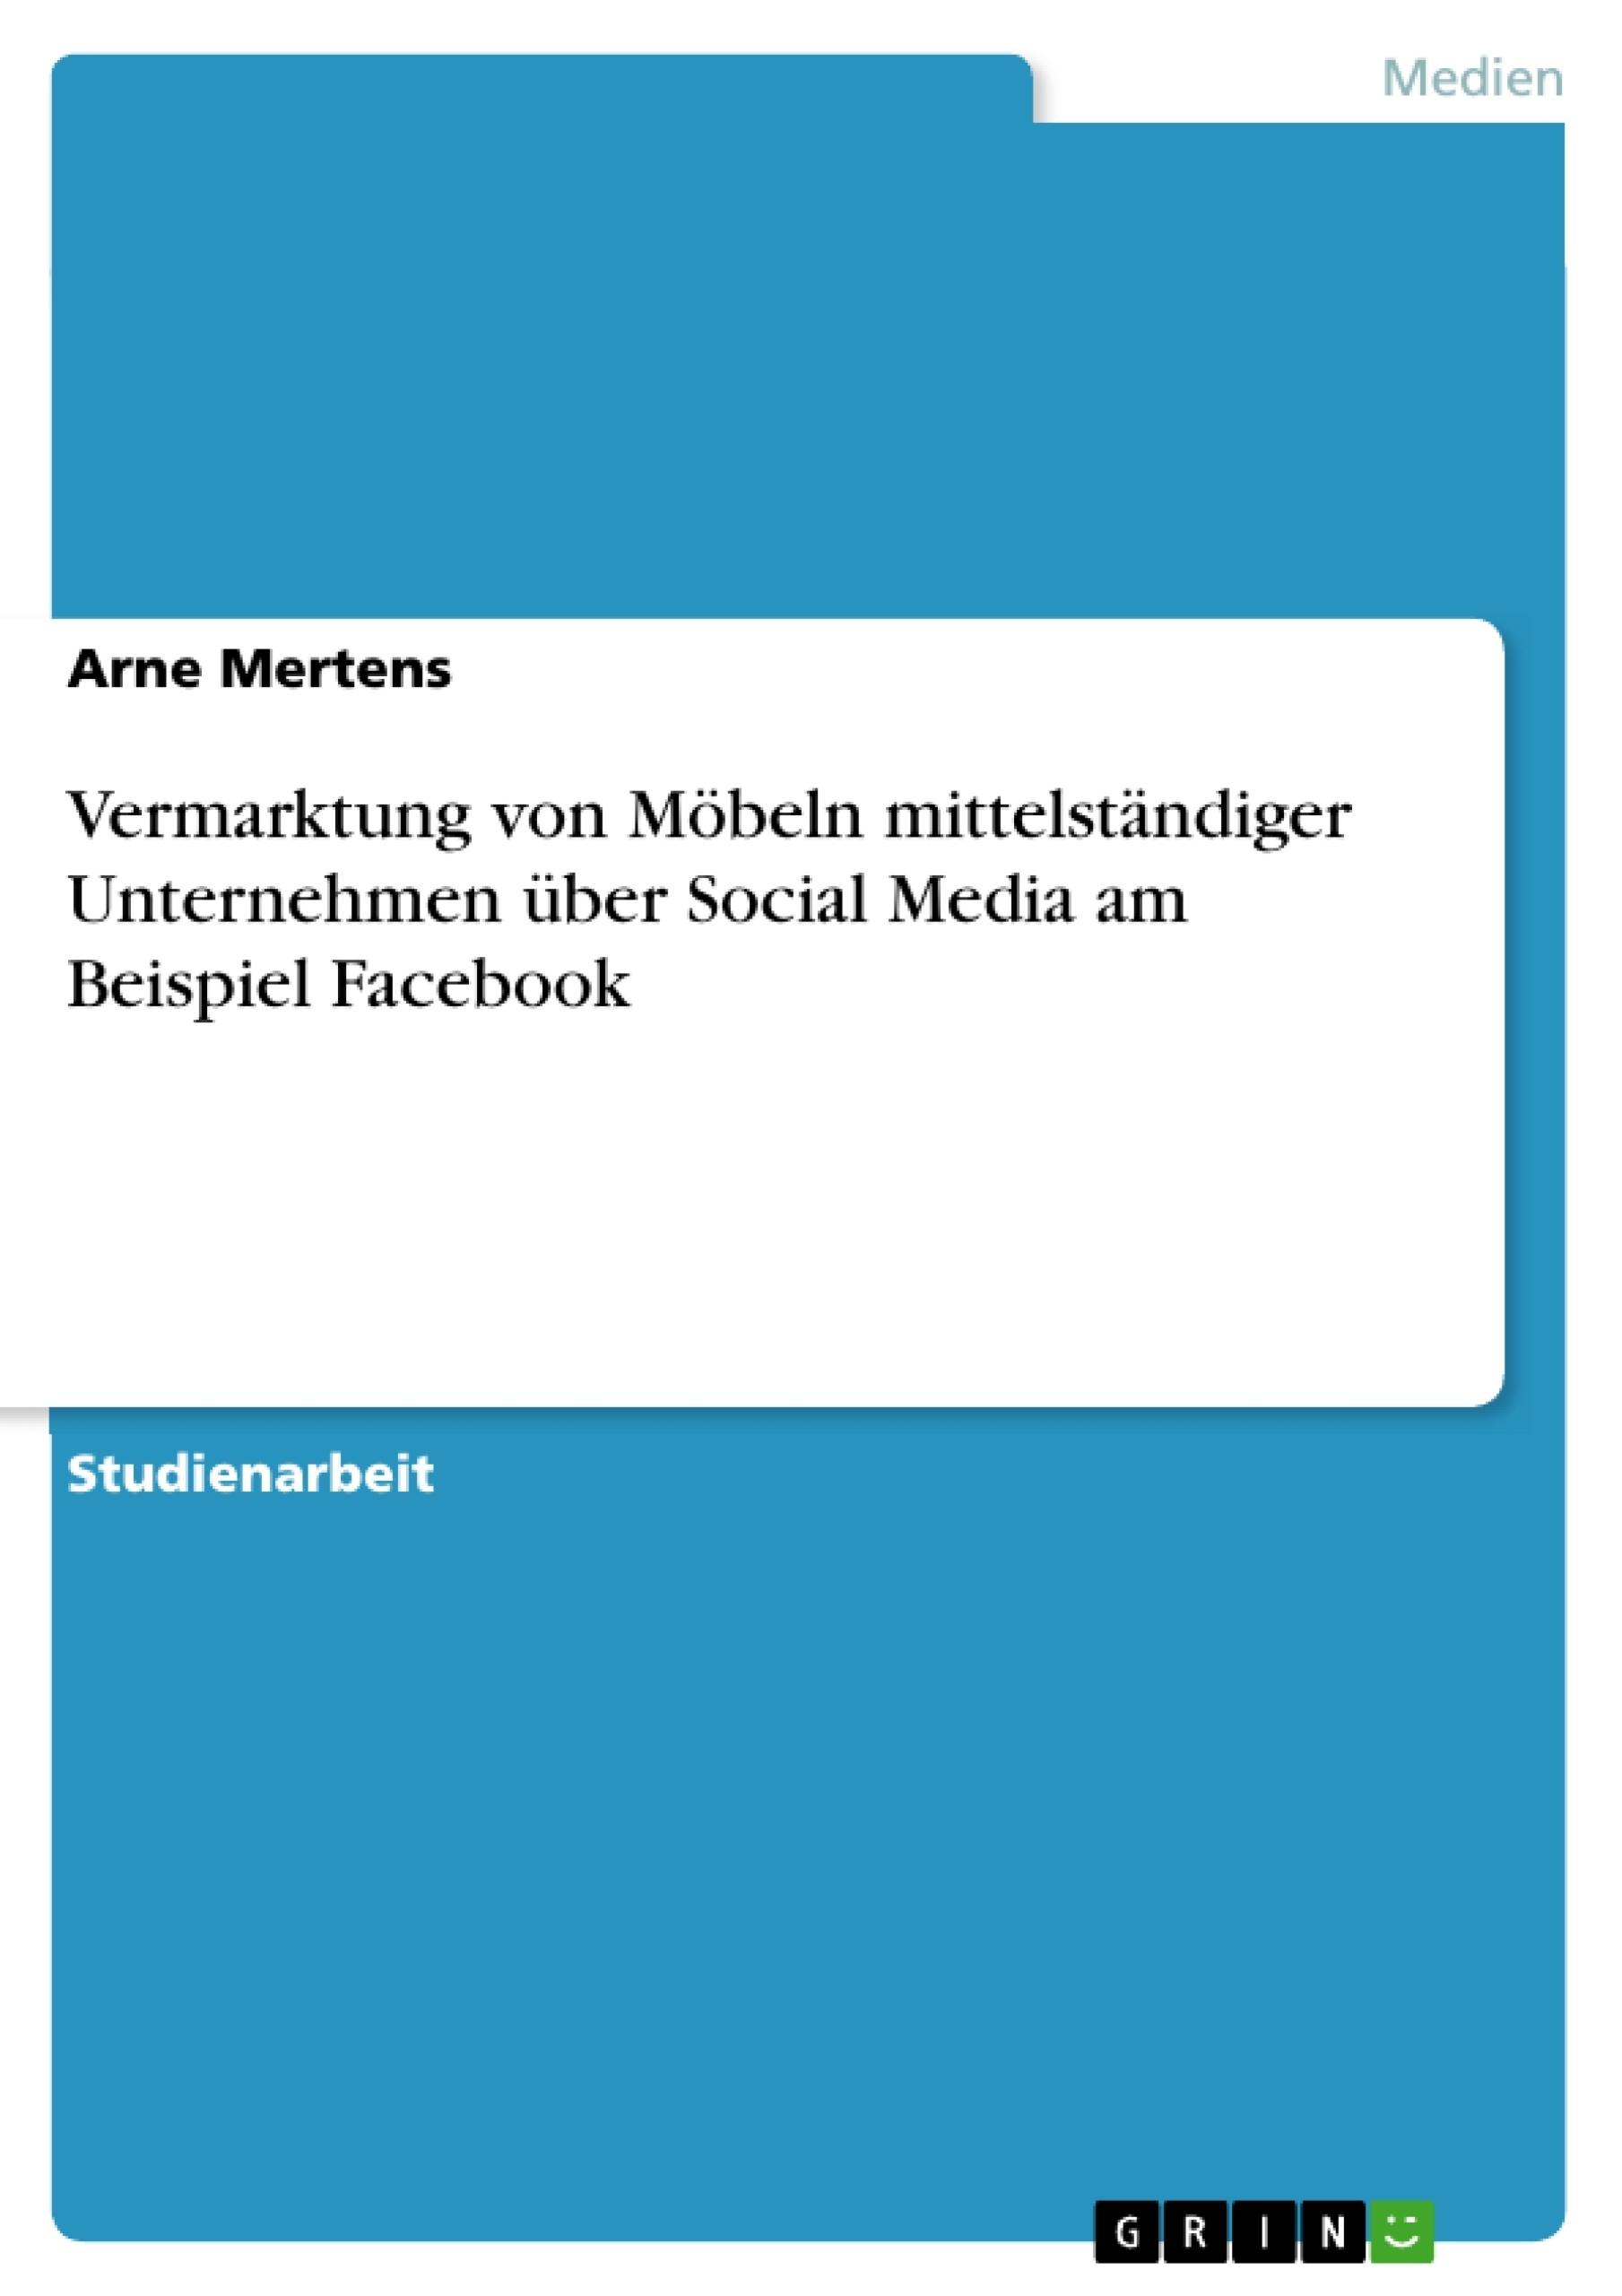 Titel: Vermarktung von Möbeln mittelständiger Unternehmen über Social Media am Beispiel Facebook